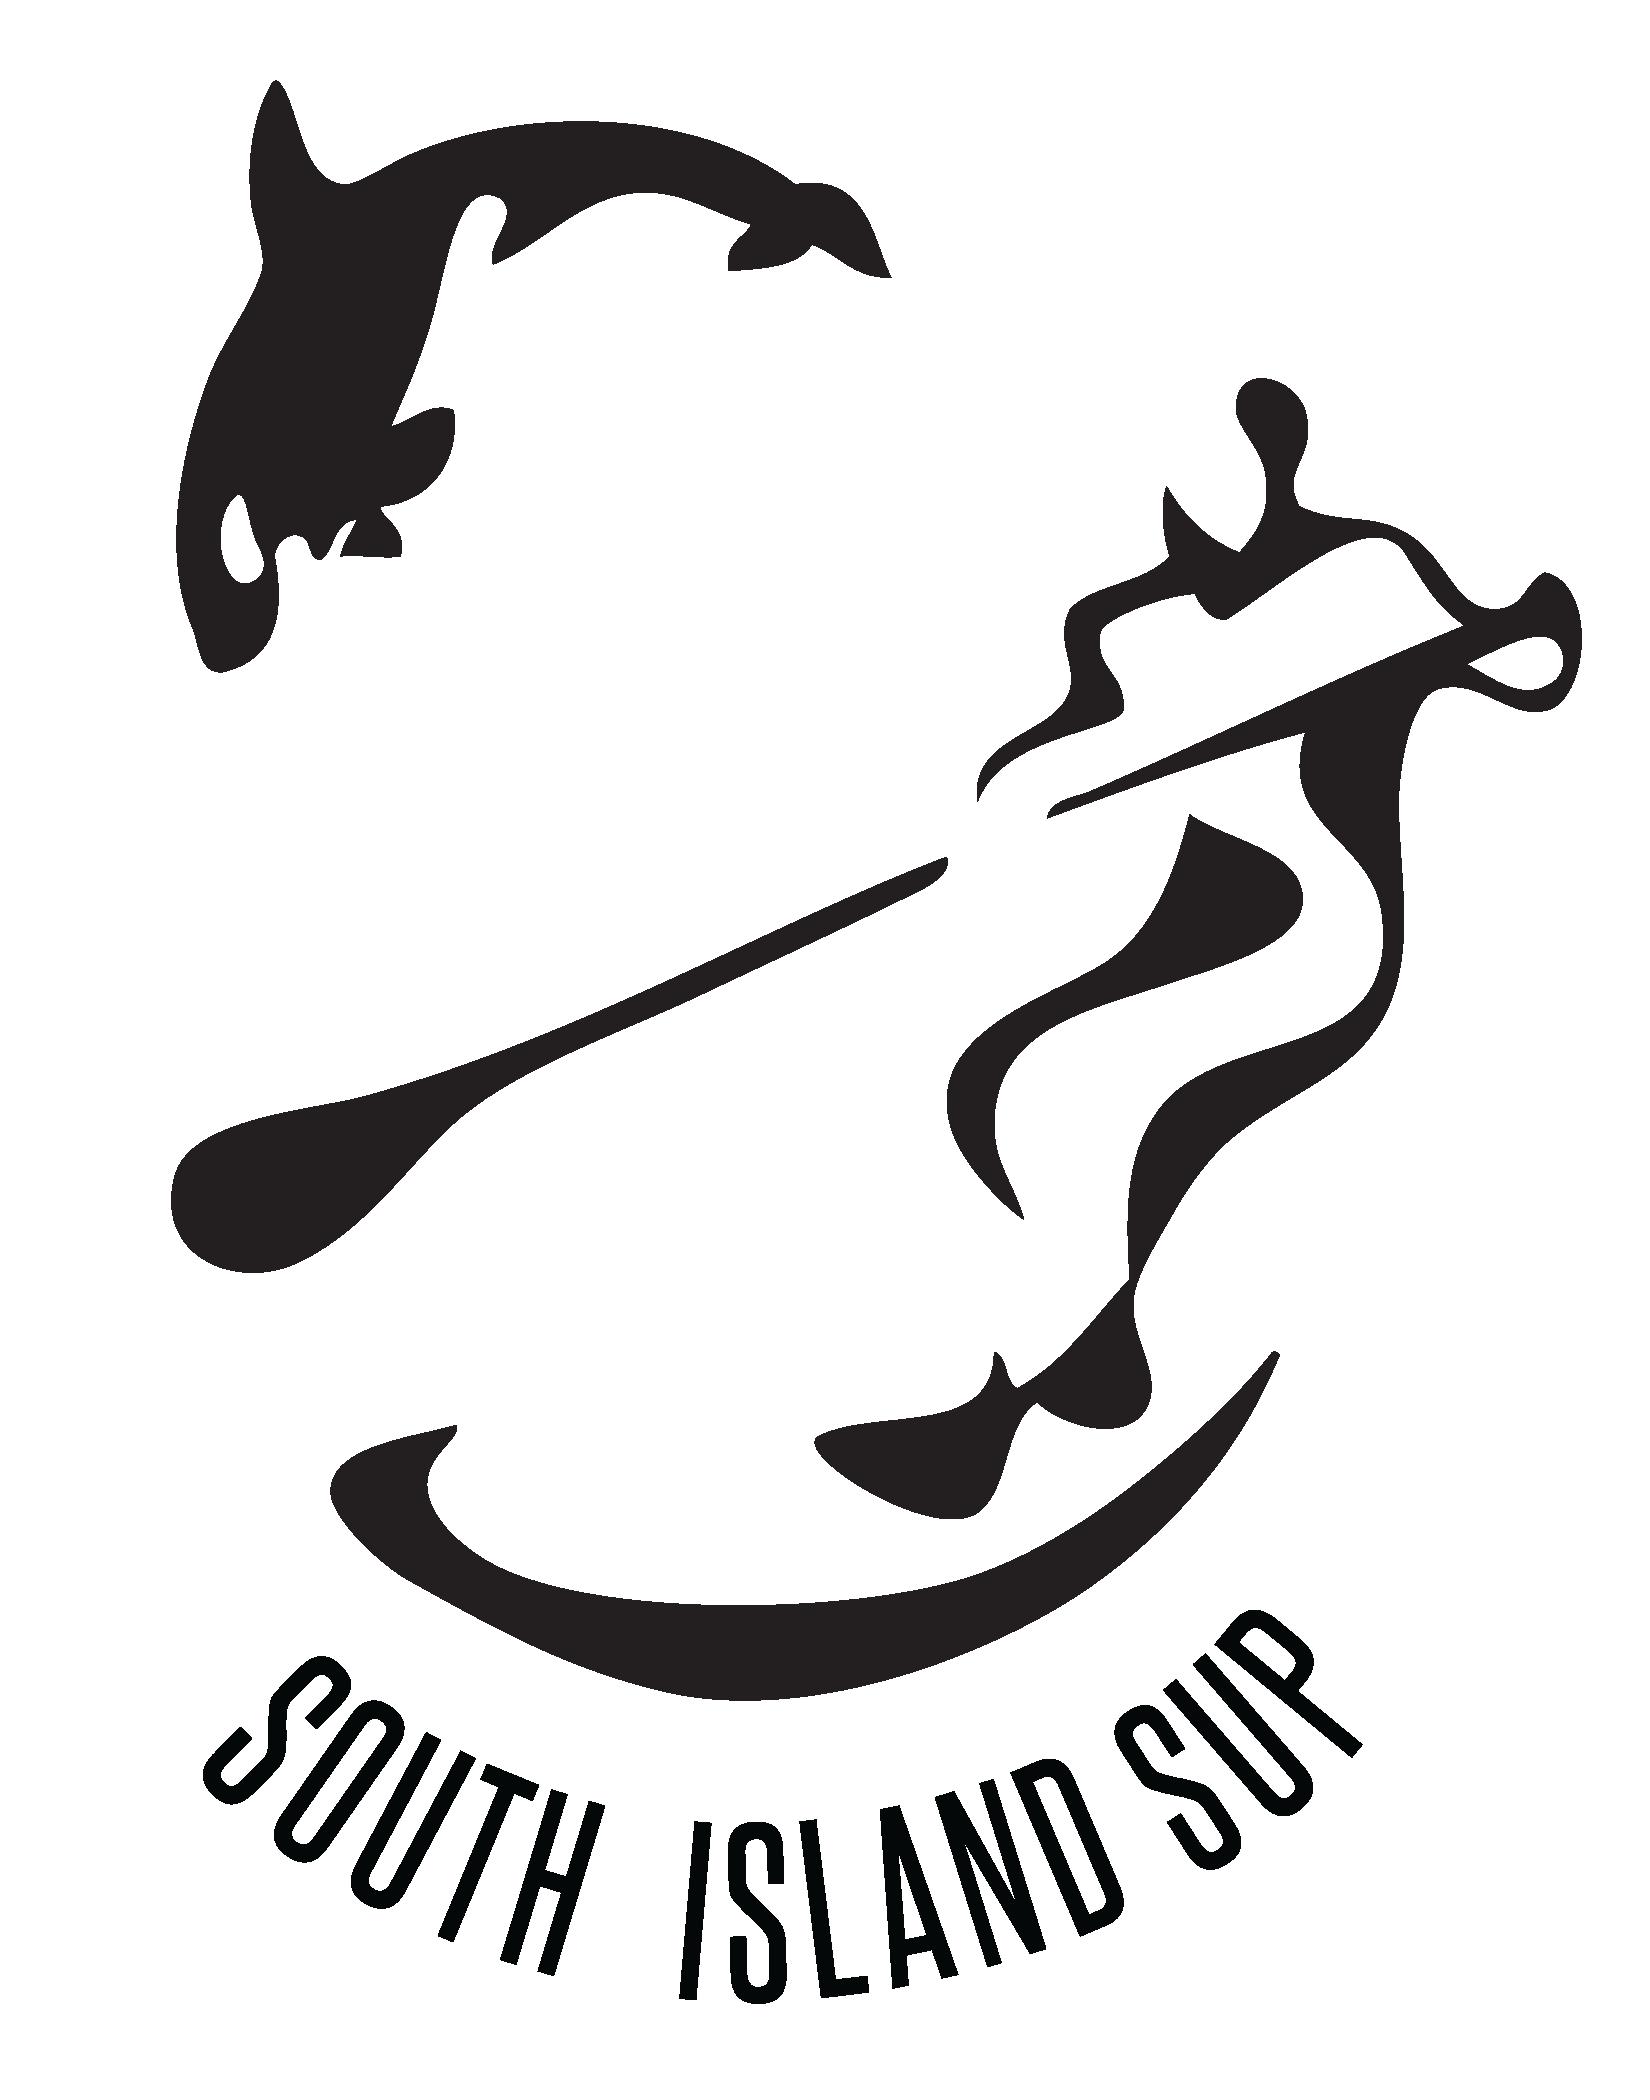 South Island SUP